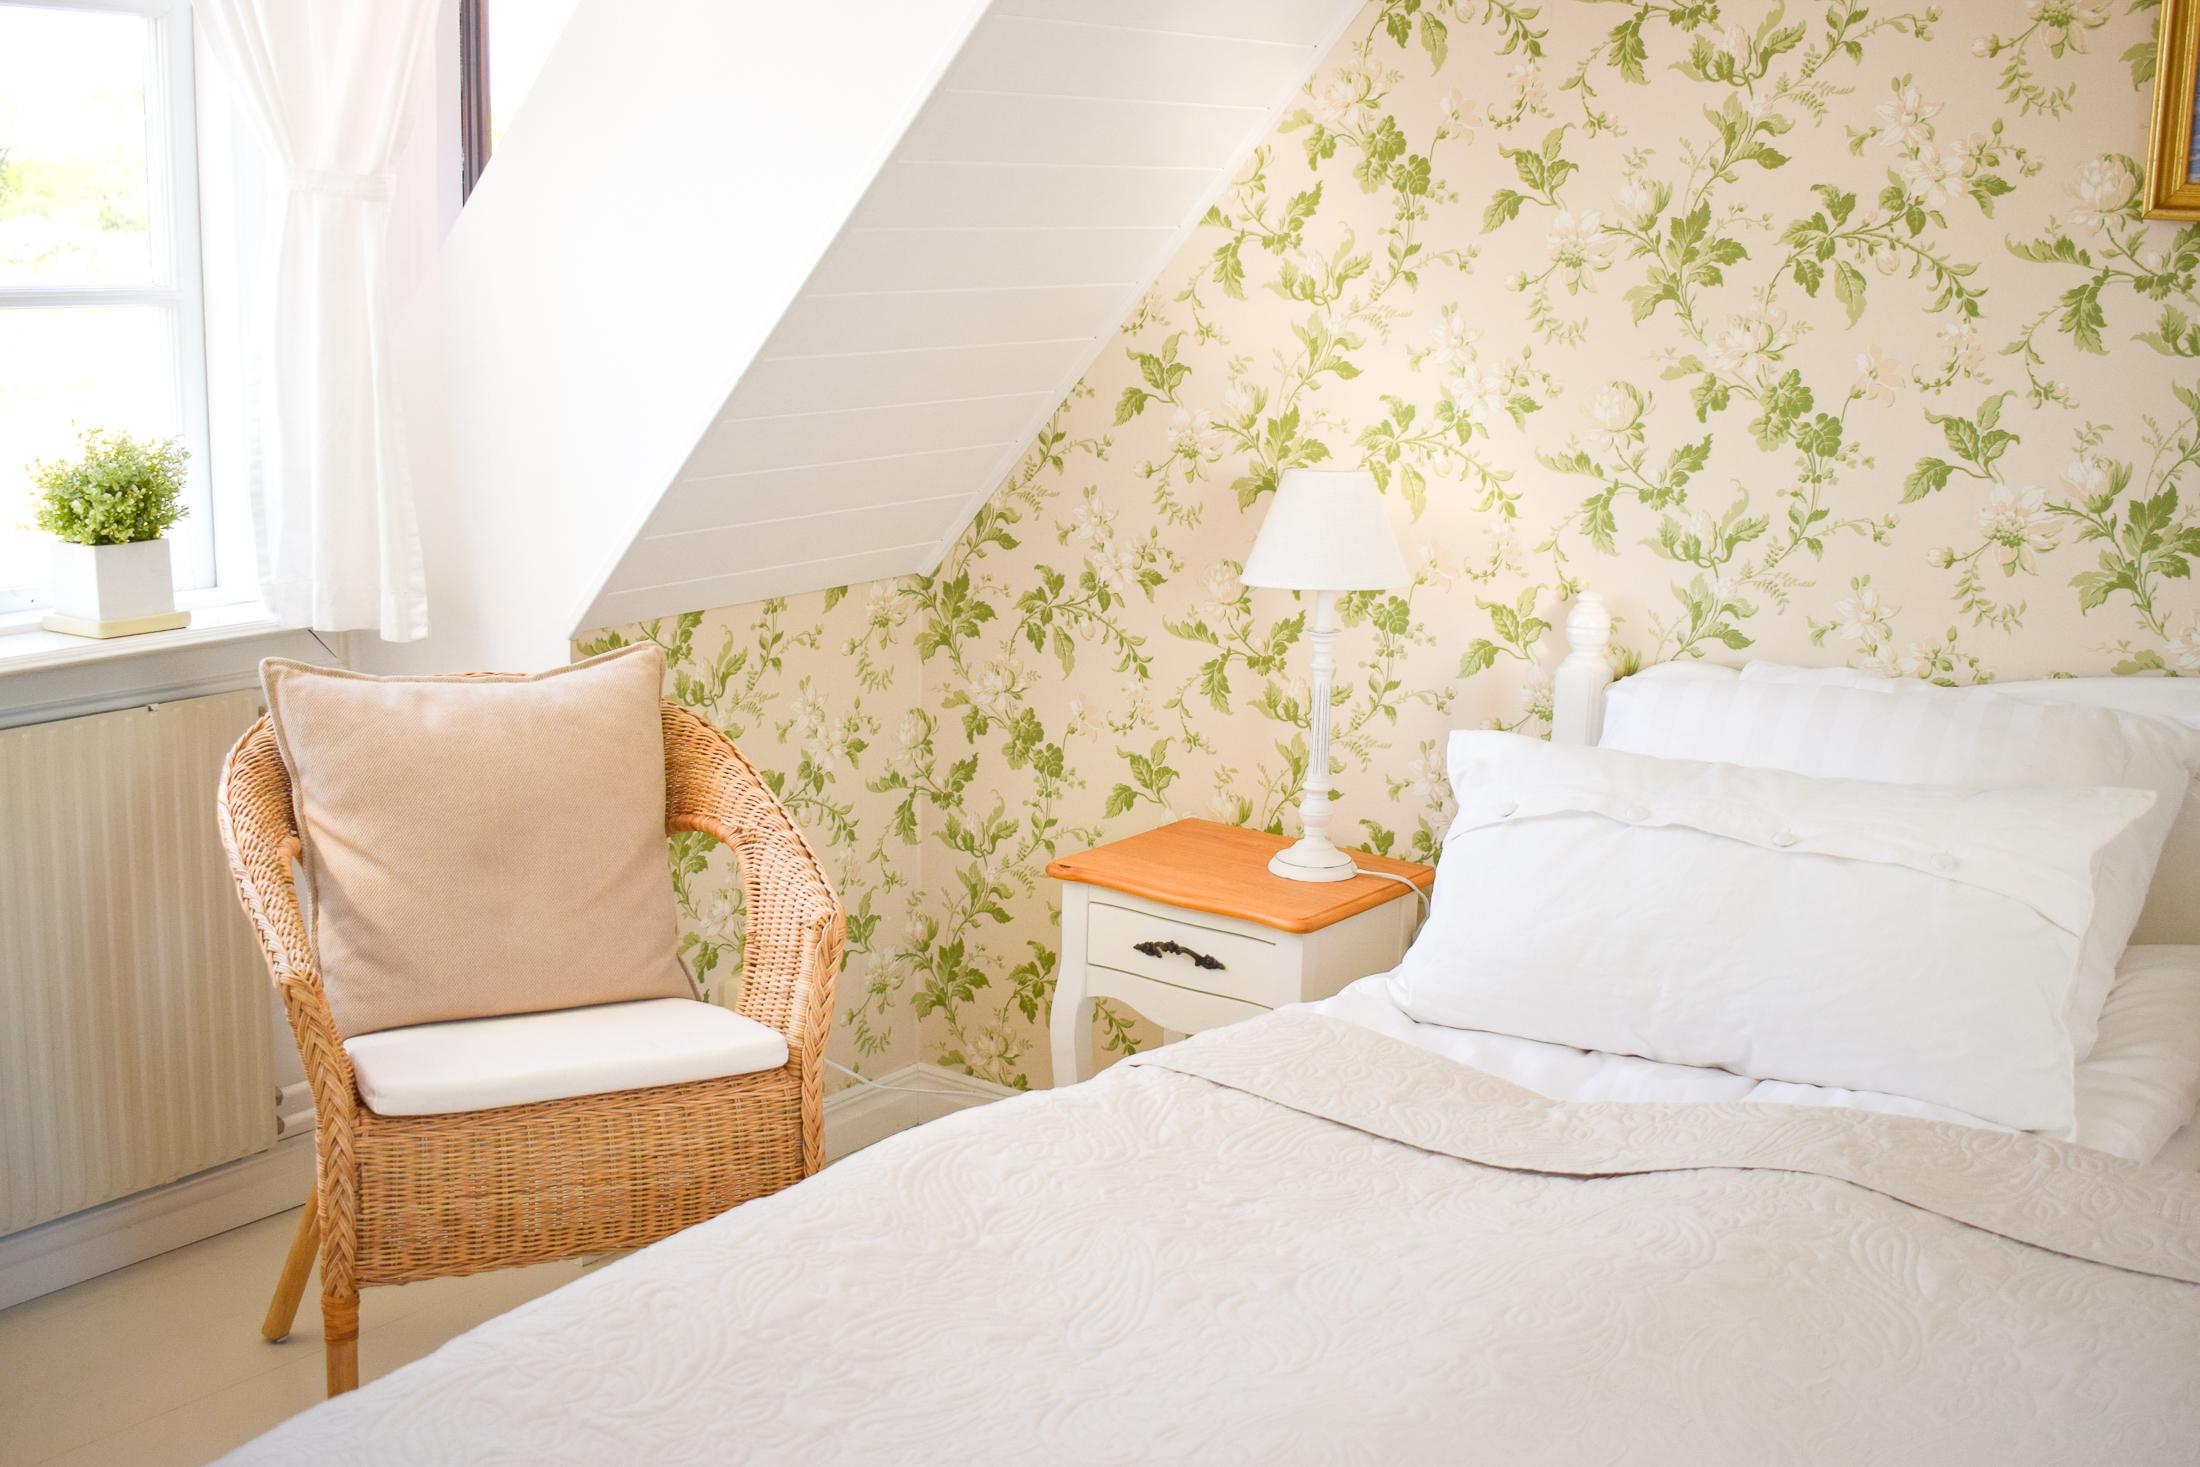 rottingstol, säng och sängbord.